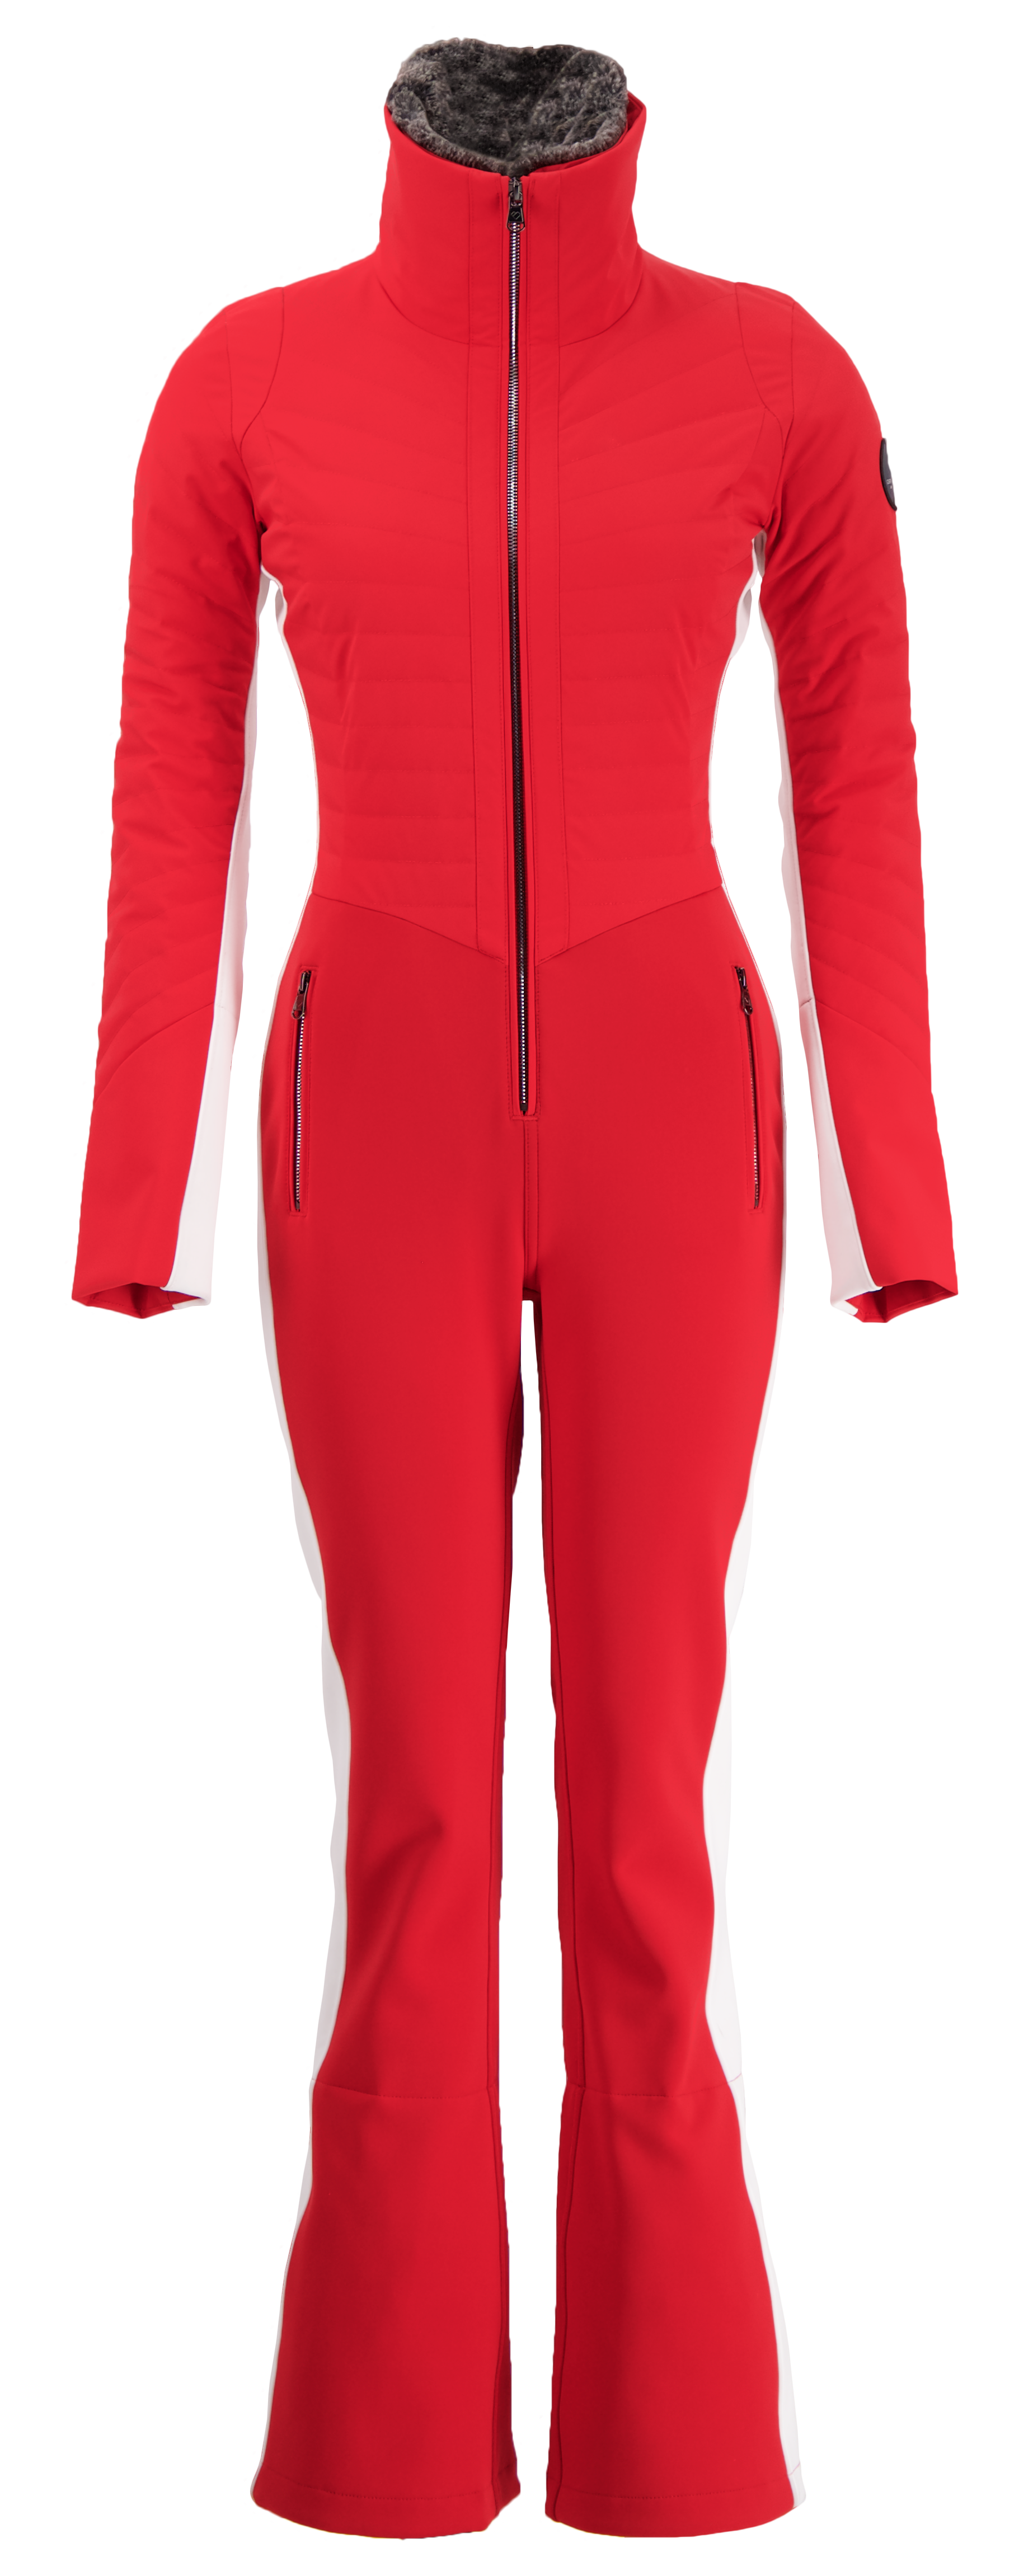 SkiMagazine-Style-Olympic-008